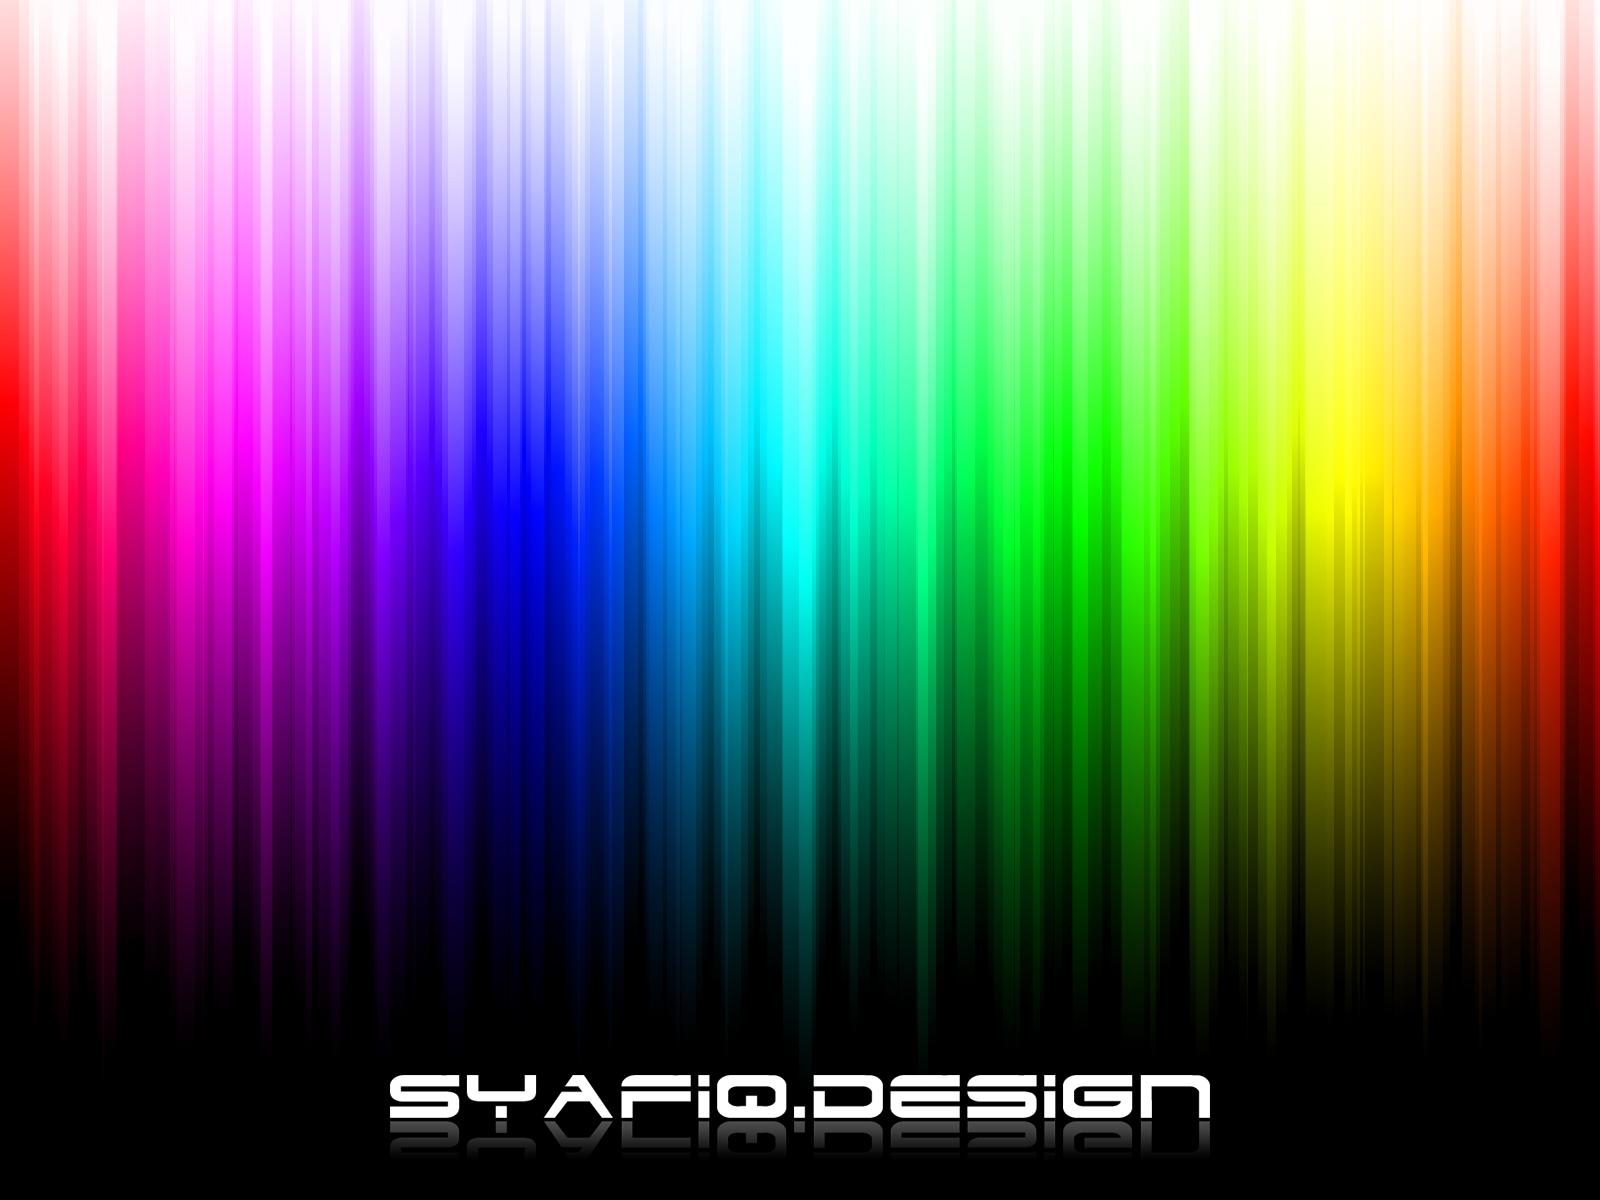 http://2.bp.blogspot.com/-BRw3iBE9oGk/TeEDDIun-EI/AAAAAAAAAC0/LJnH00X9vsc/s1600/Awesome.jpg